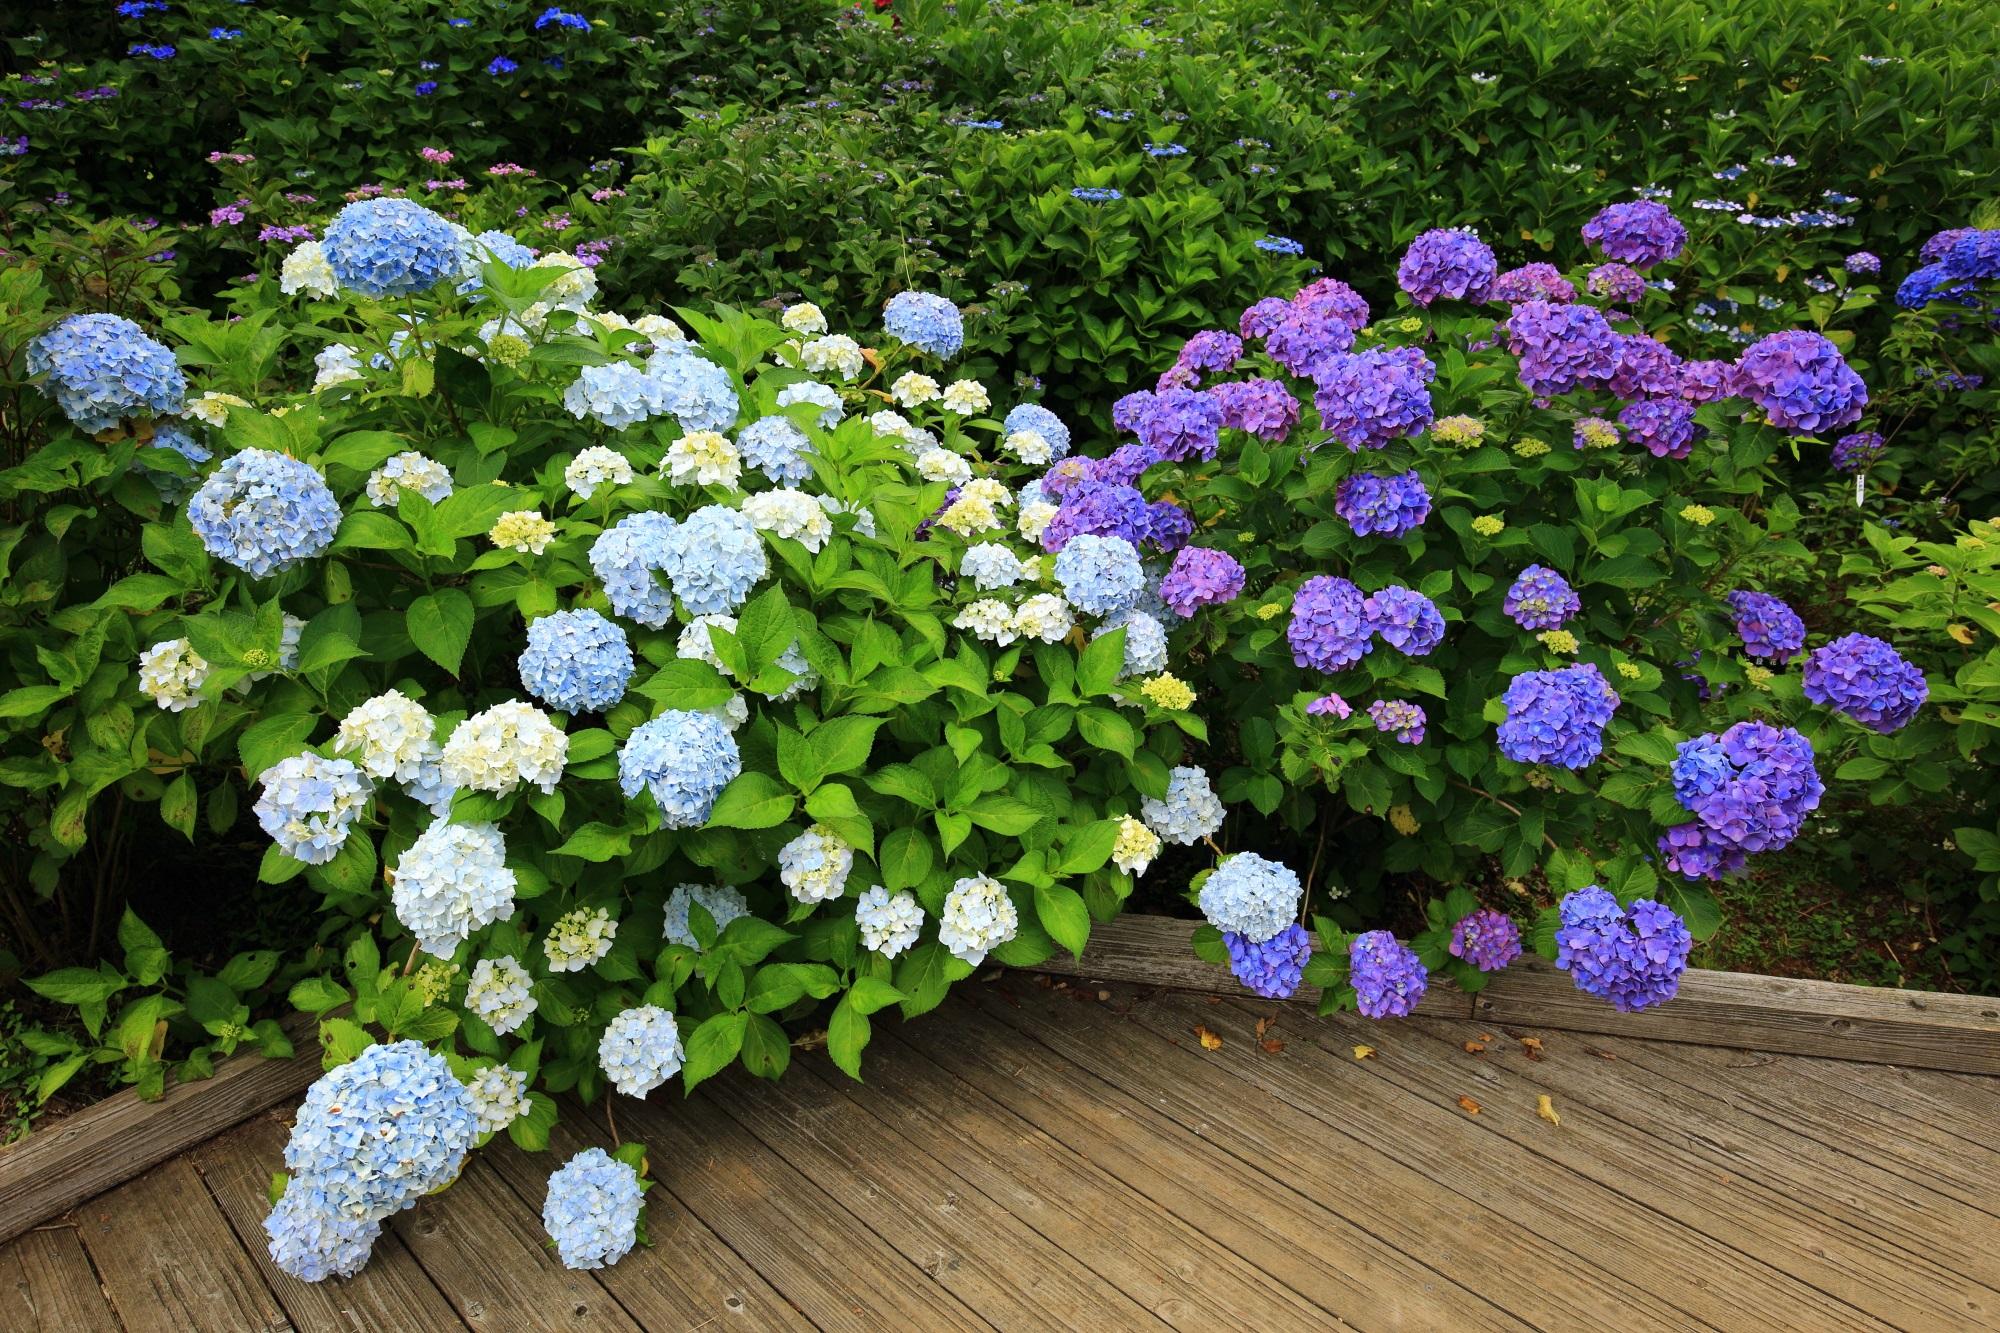 回廊に溢れ出す紫や淡い水色の紫陽花